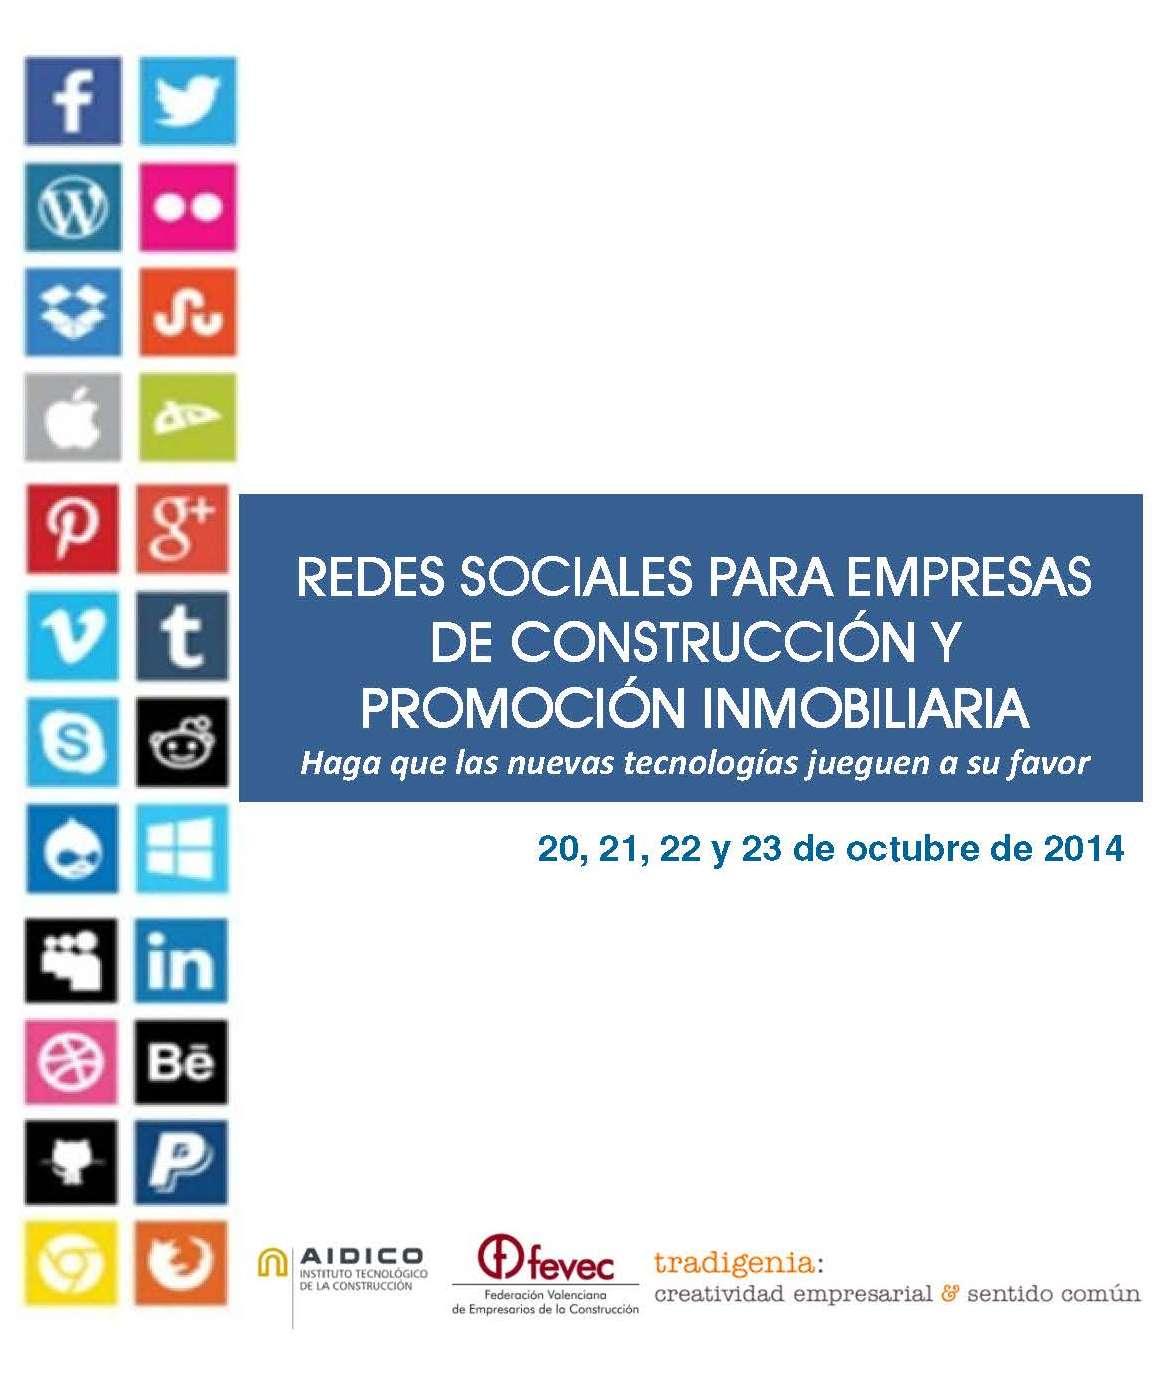 Redes sociales para empresas de construcci n y promoci n for Empresas construccion